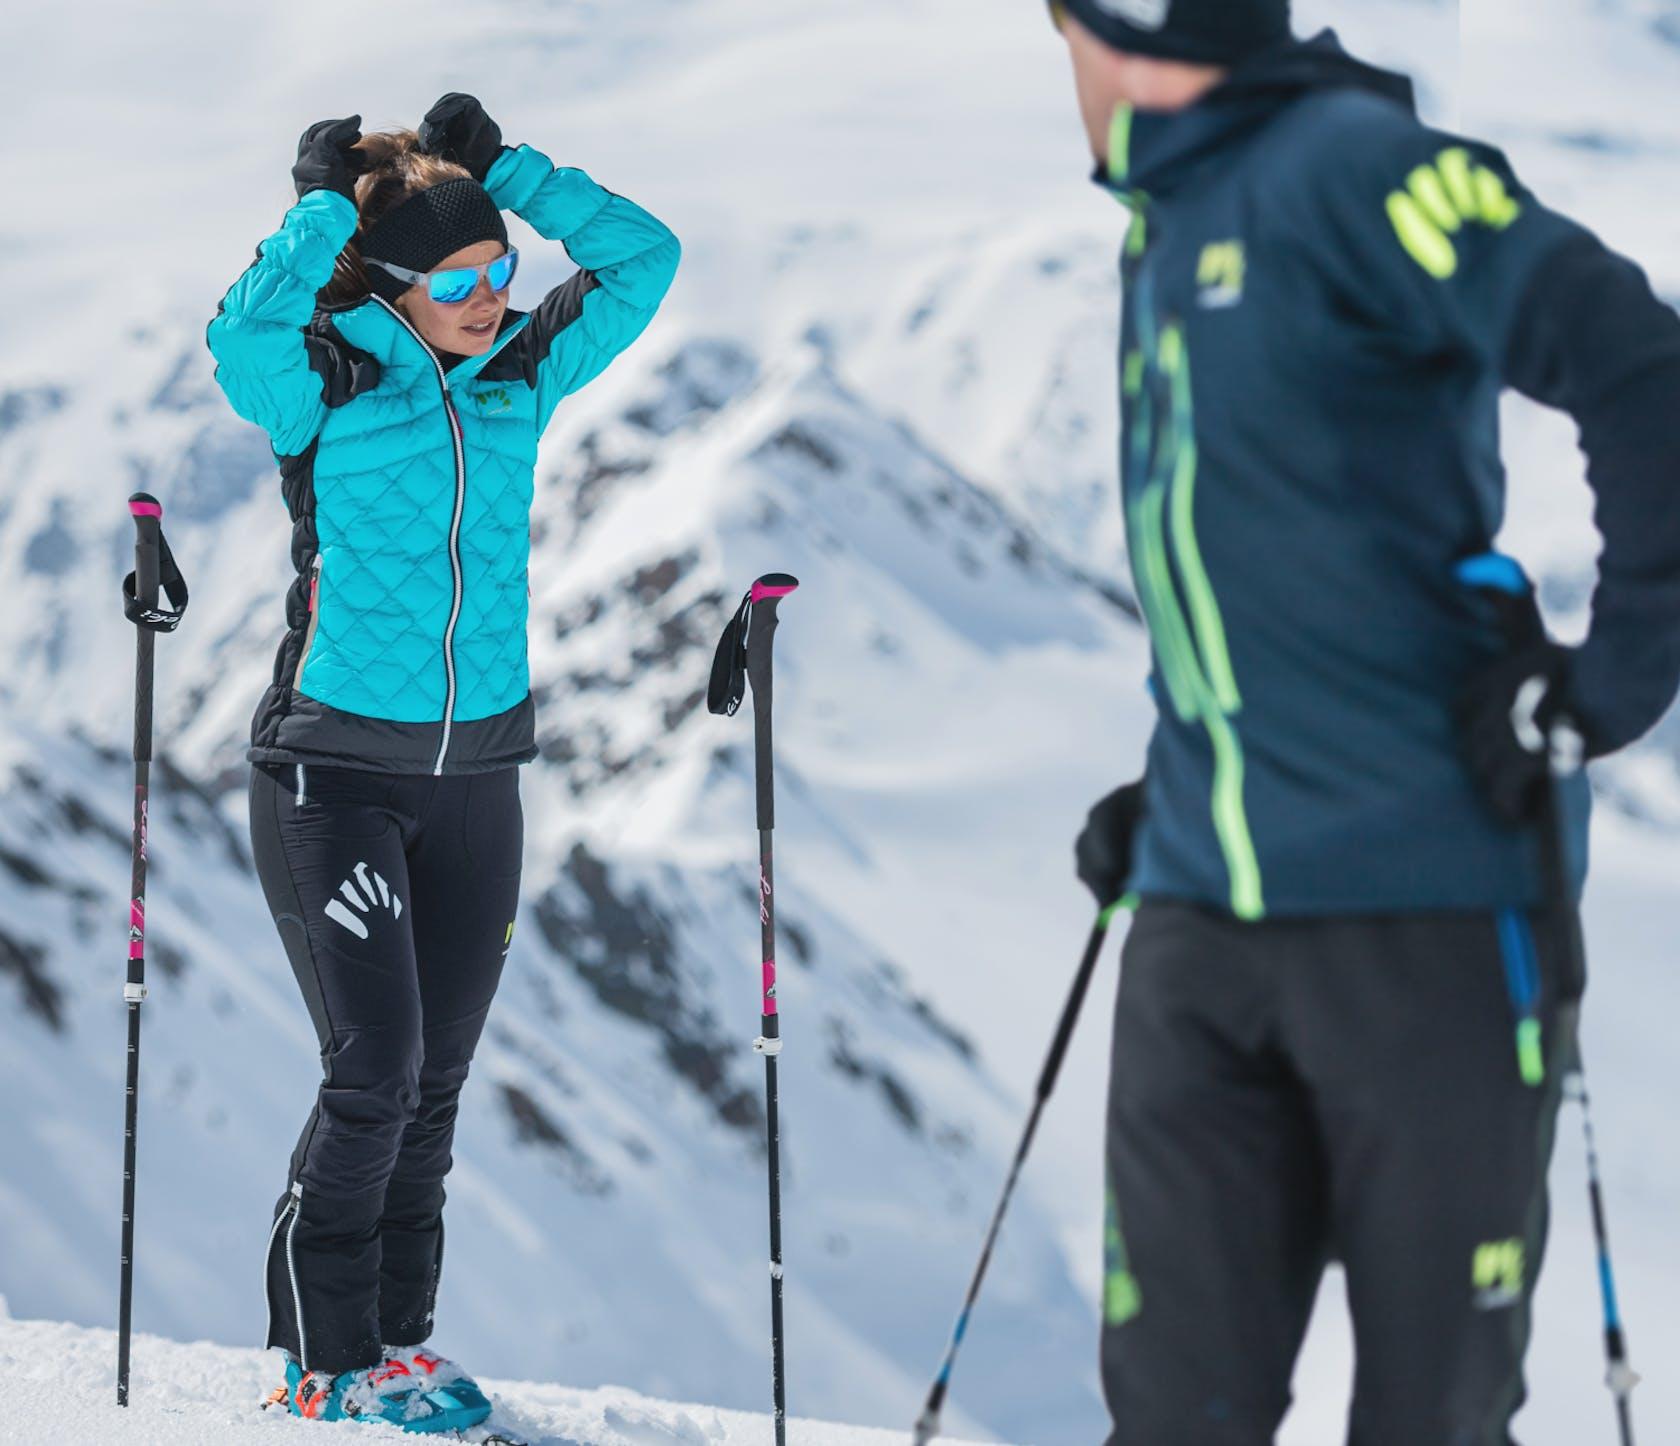 accessori scialpinismo e intimo tecnico